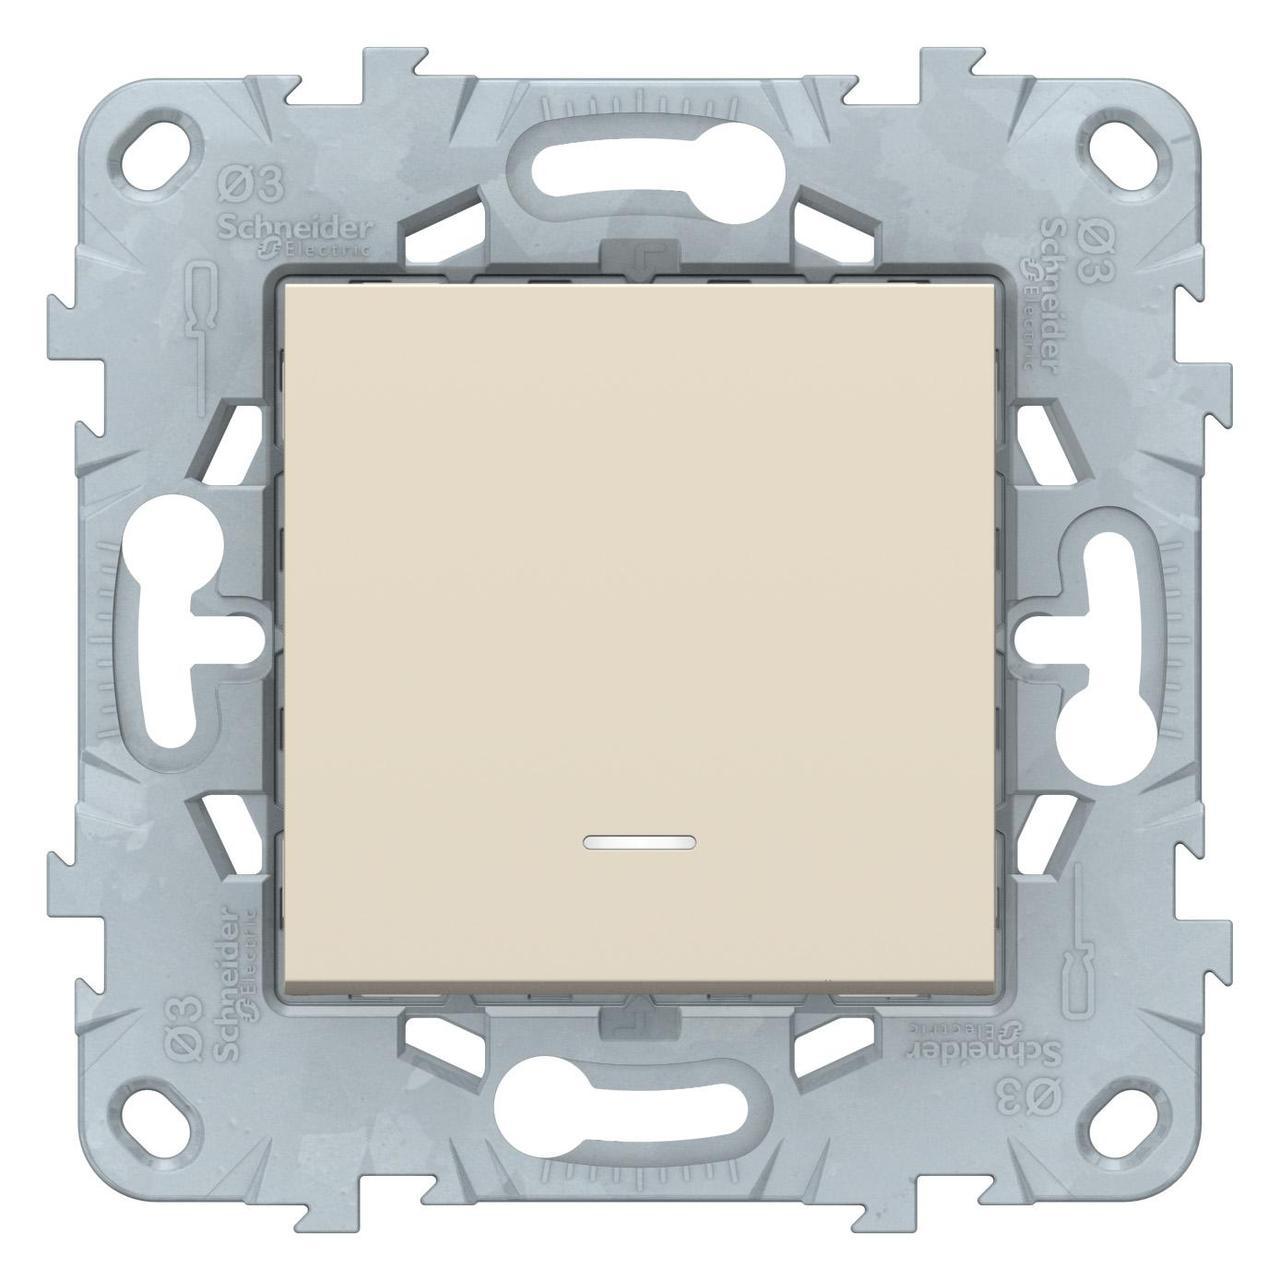 Выключатель 1-клавишный, перекрестный с подсветкой (с трех мест) , Бежевый, серия Unica New, Schneider Electric